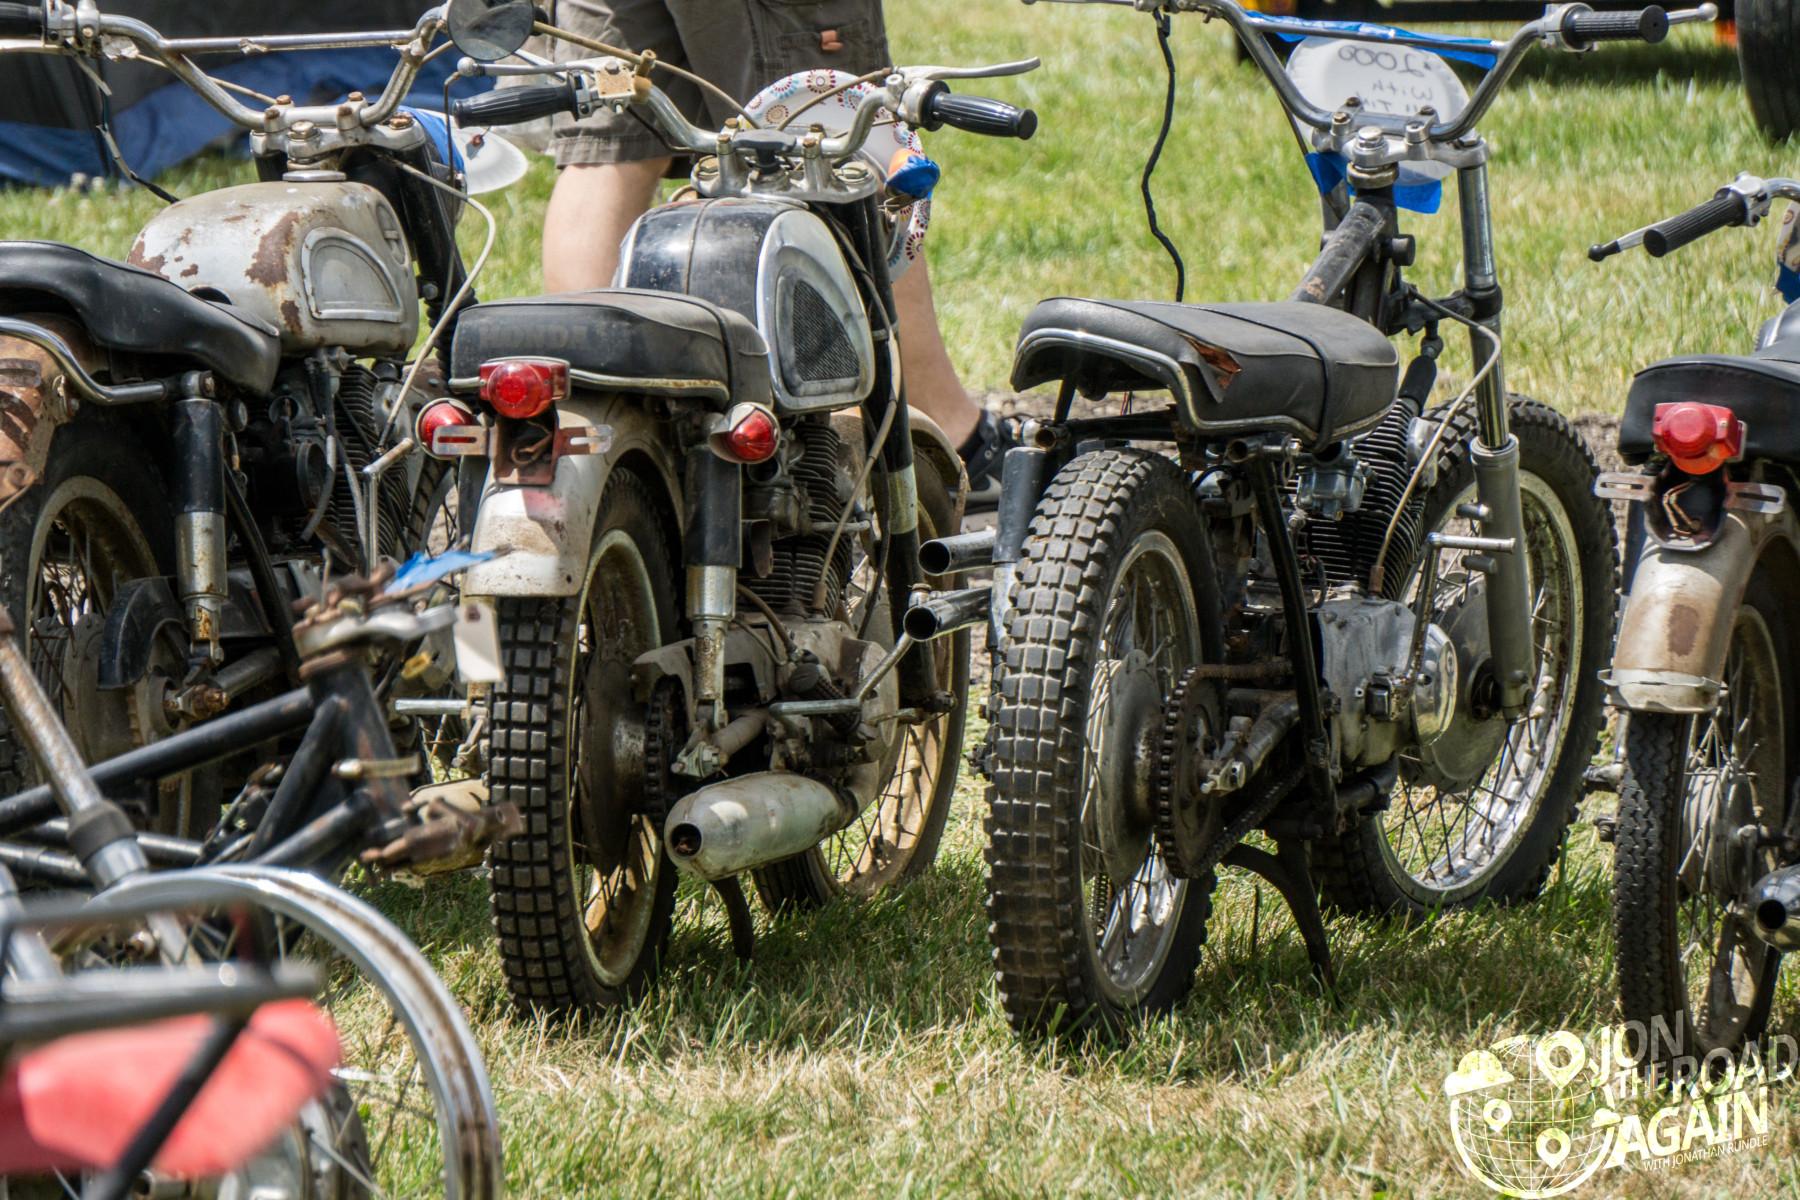 Motorcycle swap meet at AMA Vintage Motorcycle Days